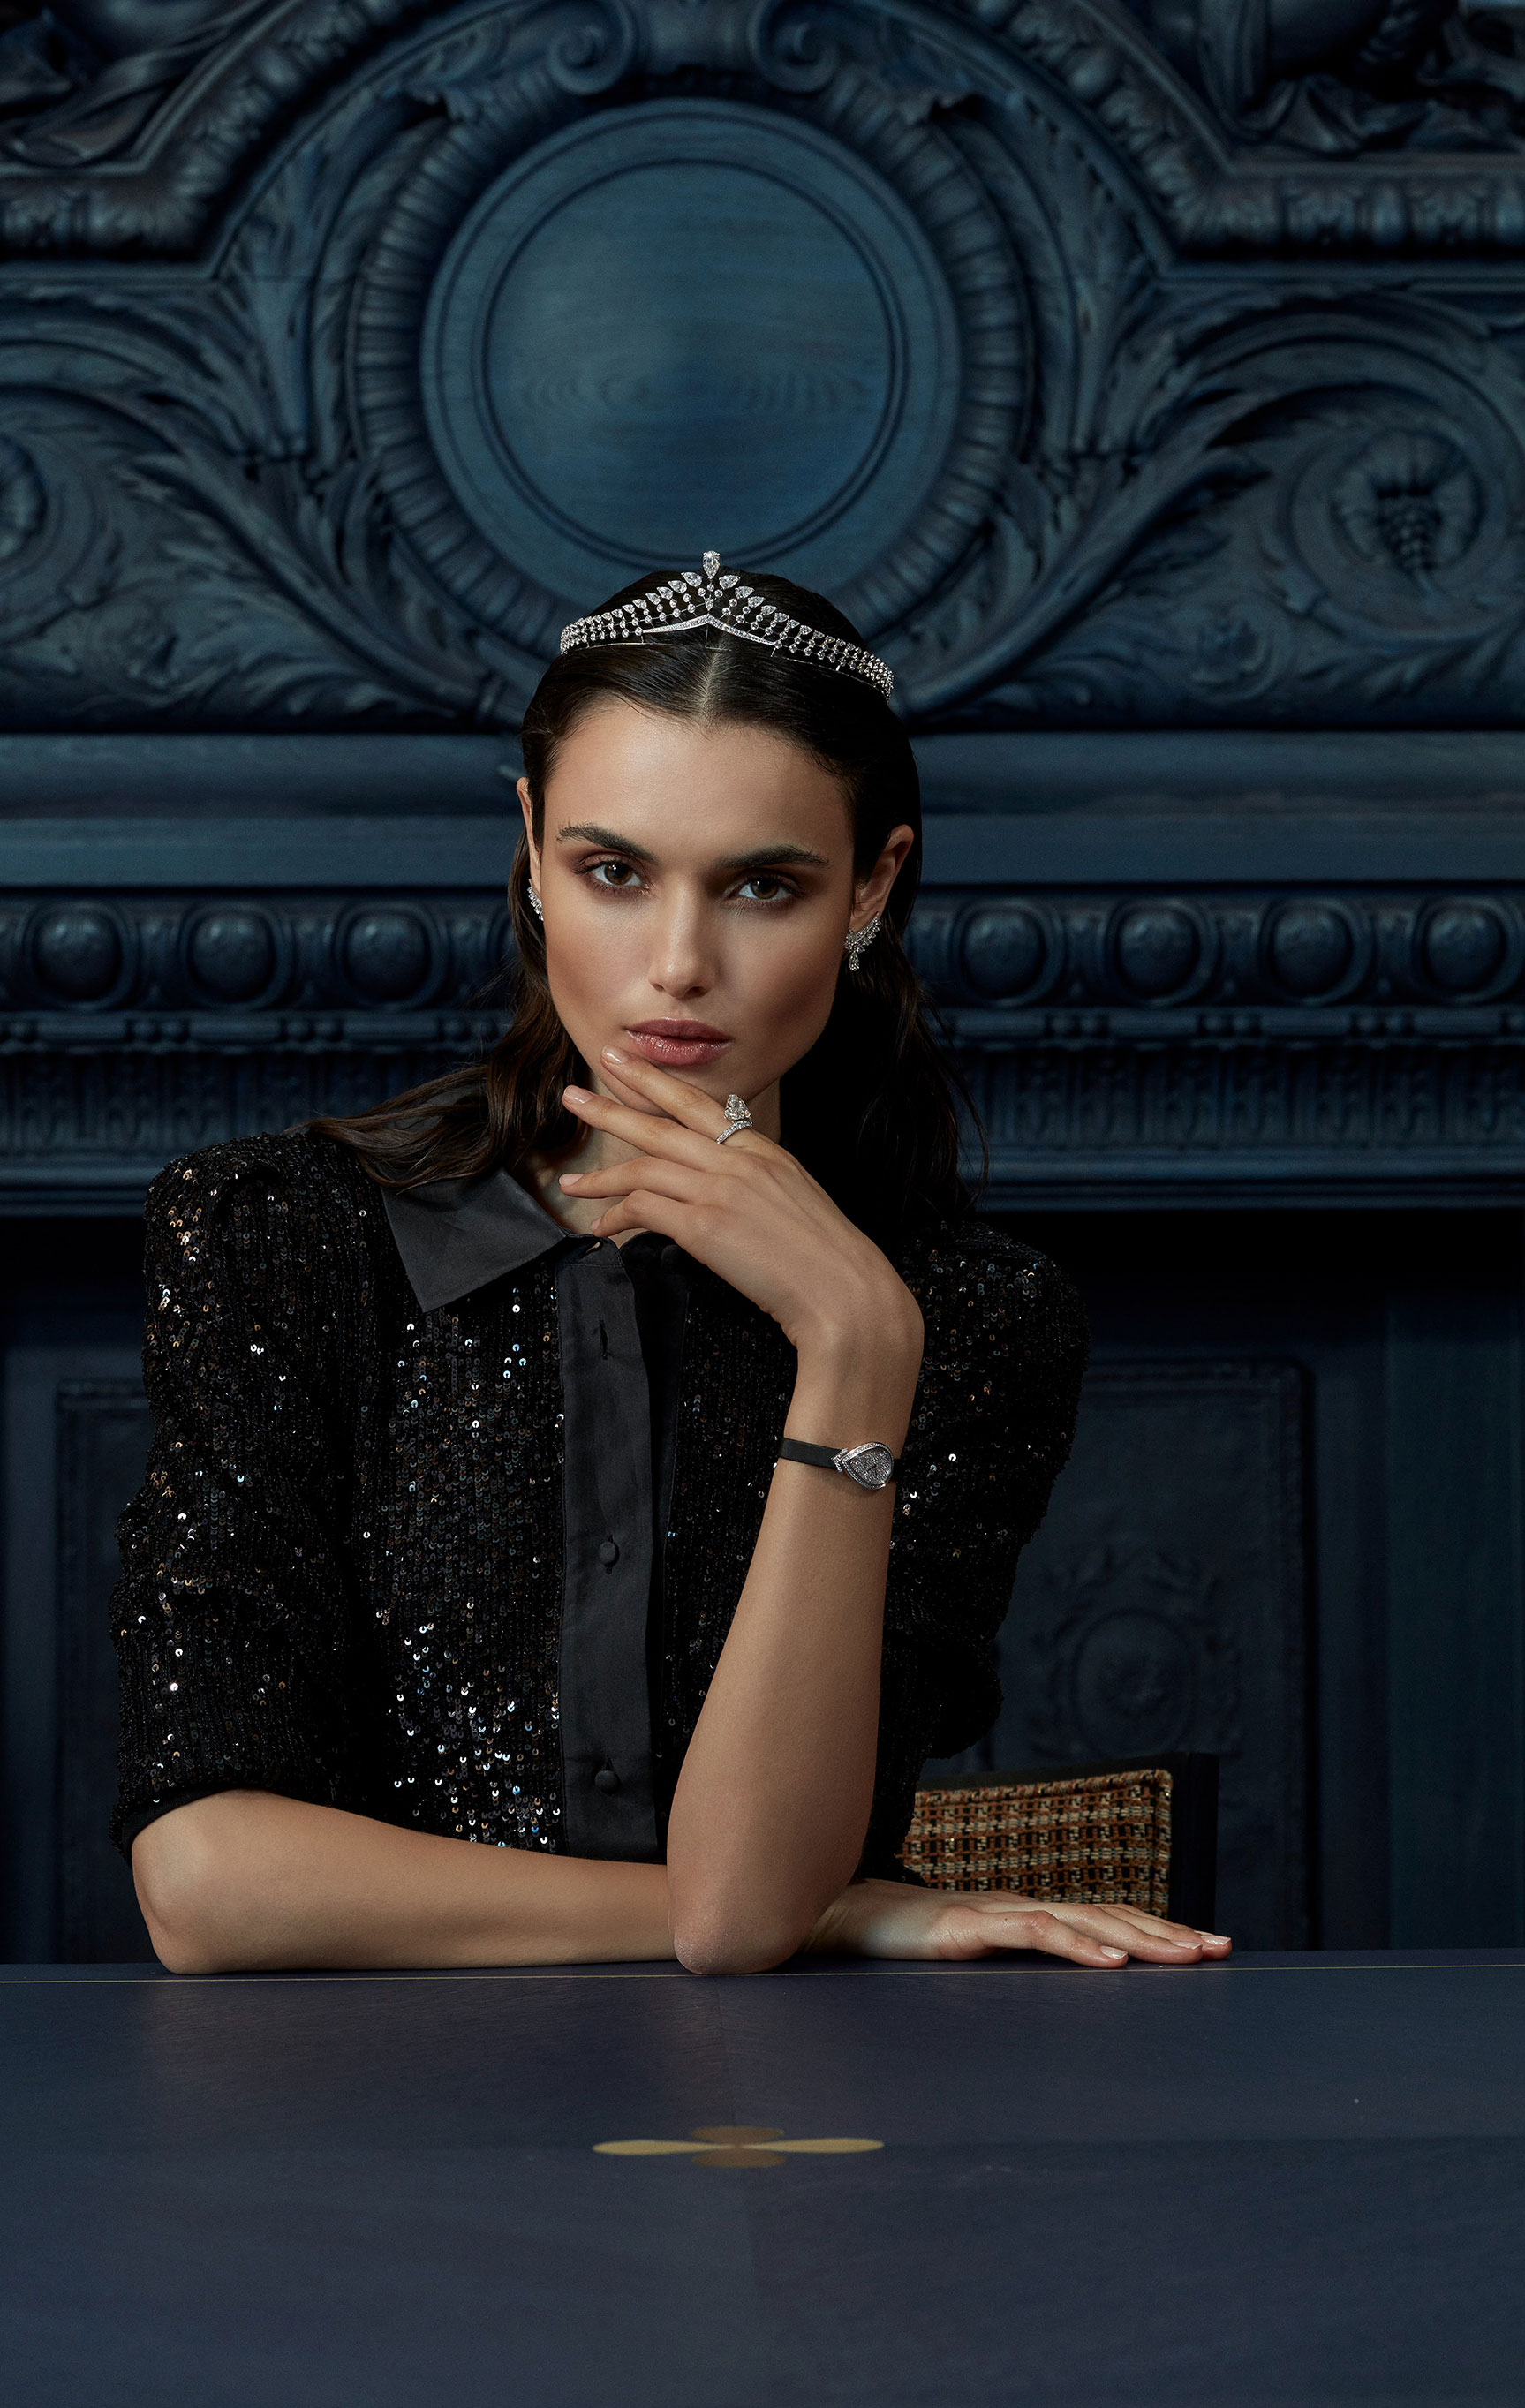 классические парижские ювелирные изделия Chaumet на красивой девушке / фото 11